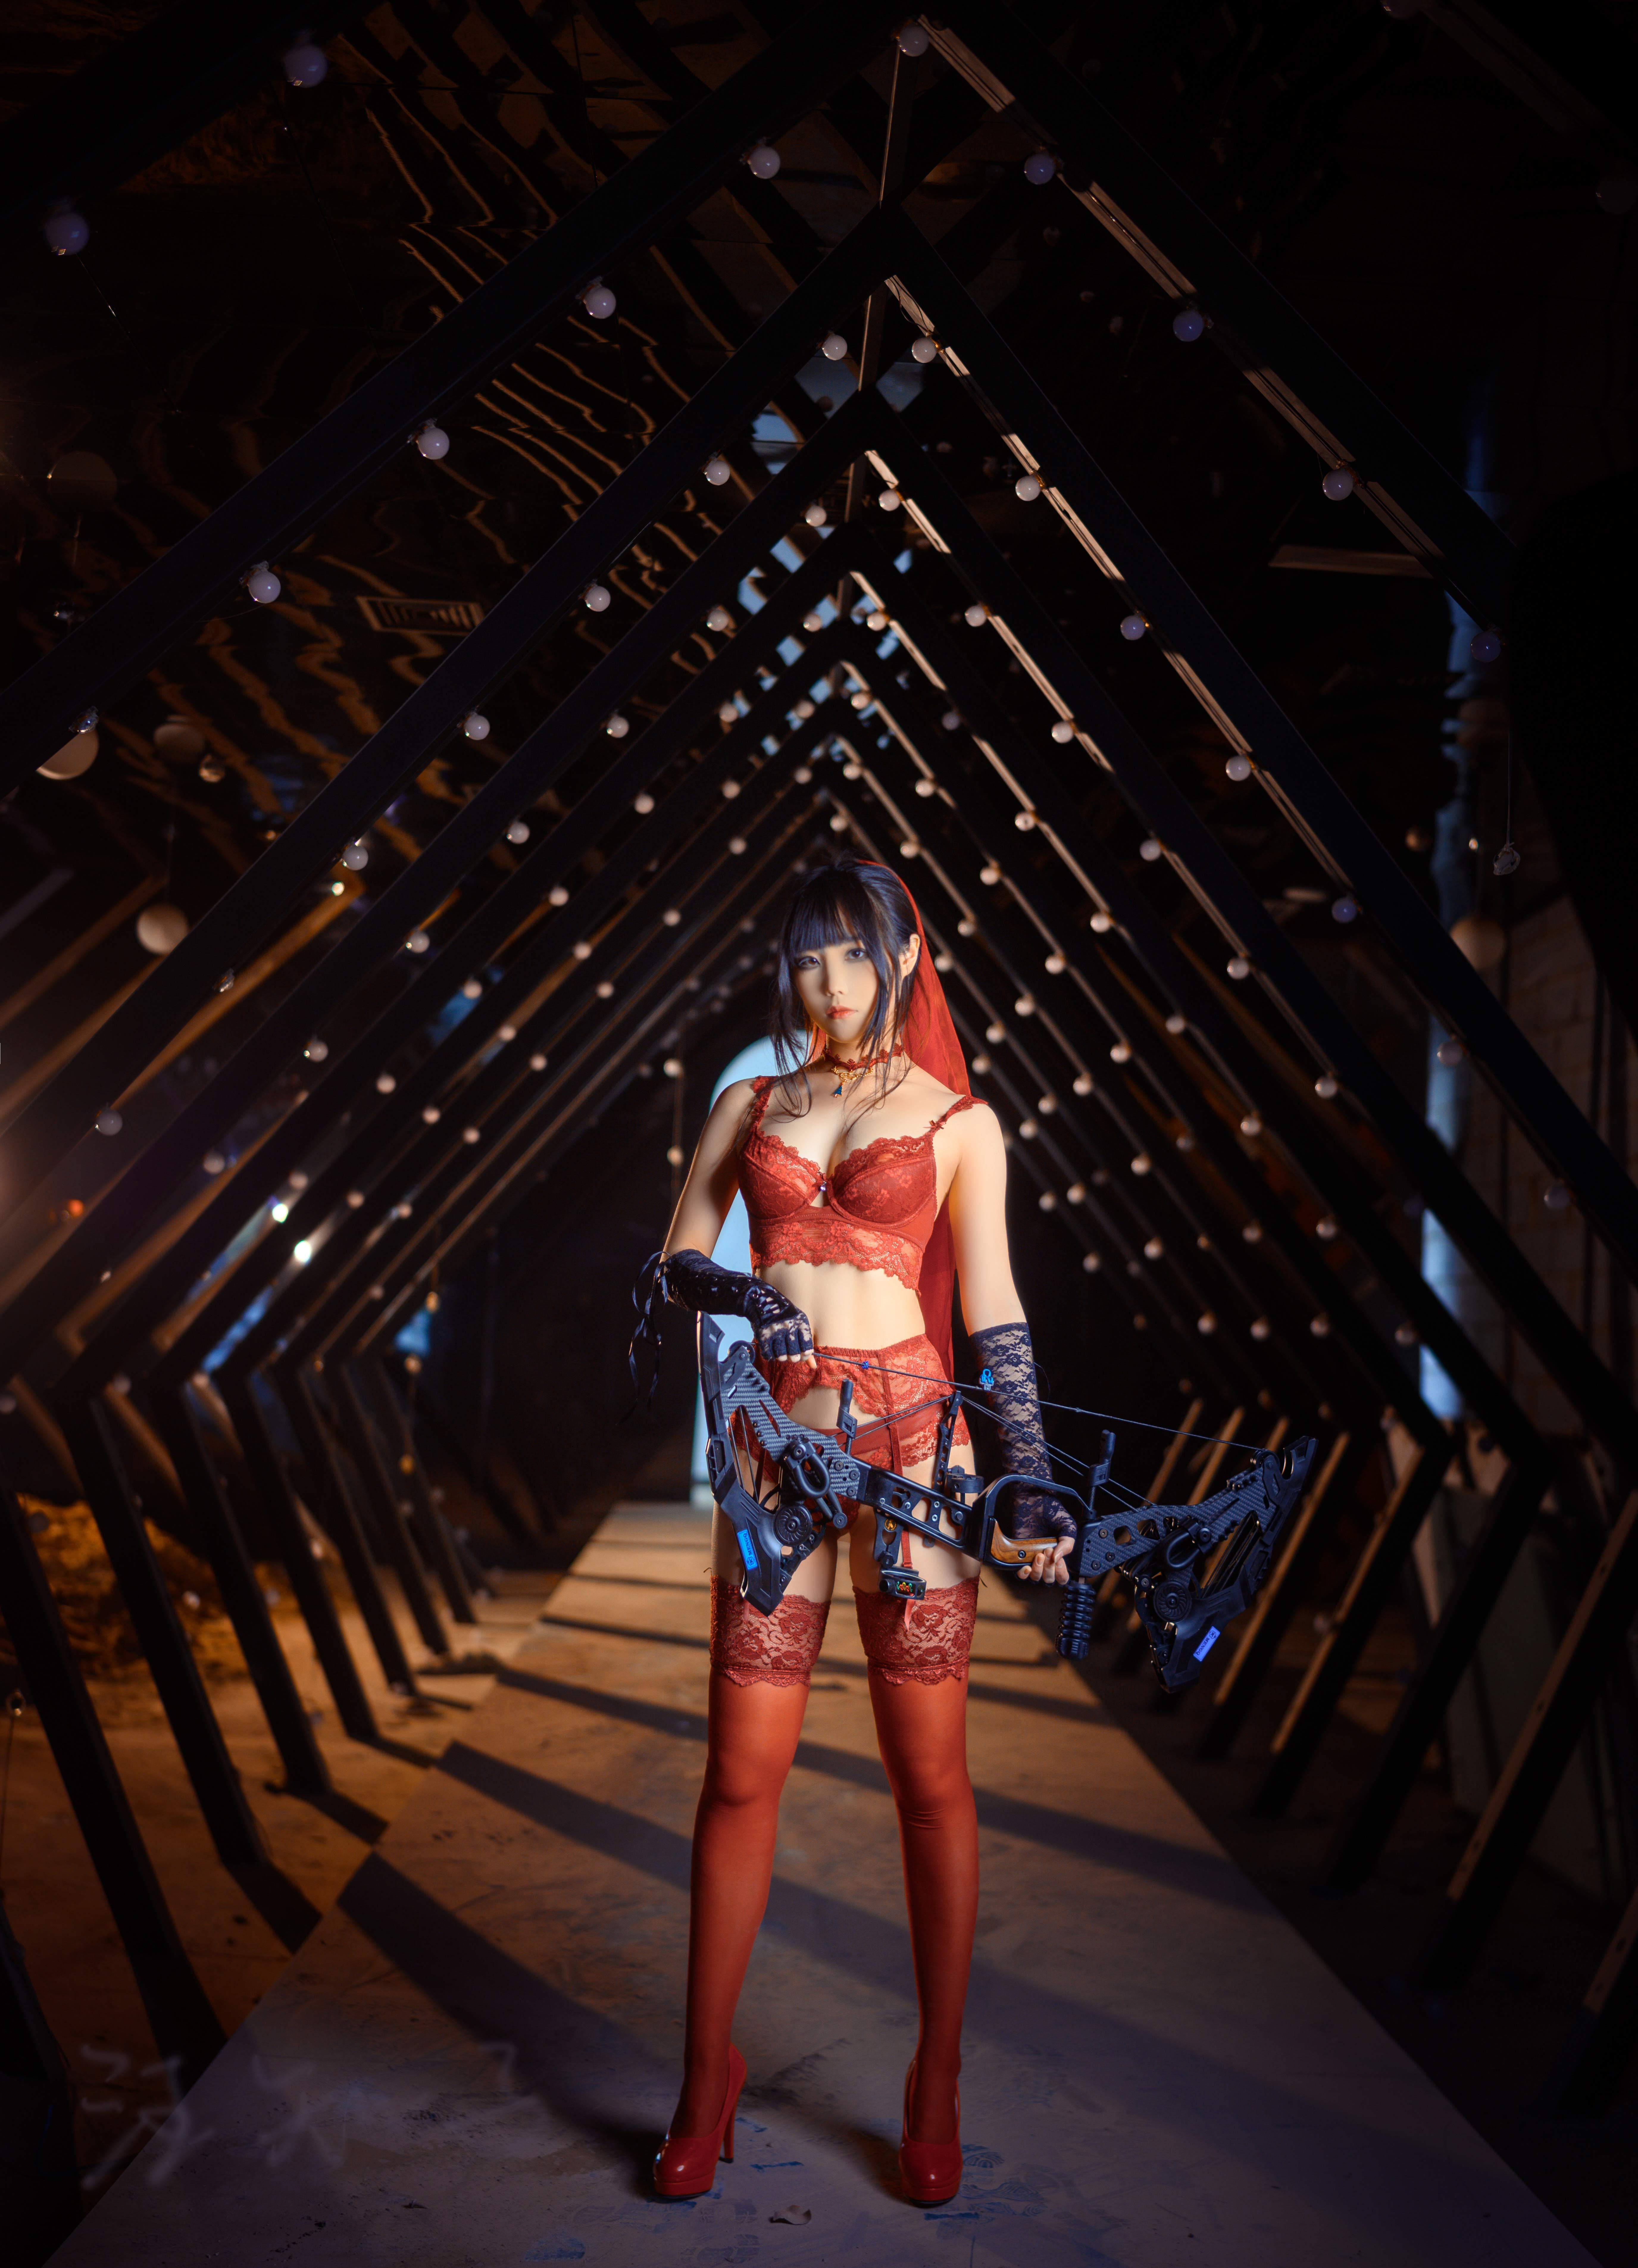 cosplay废墟新娘,这把复合弓看得我心动不已